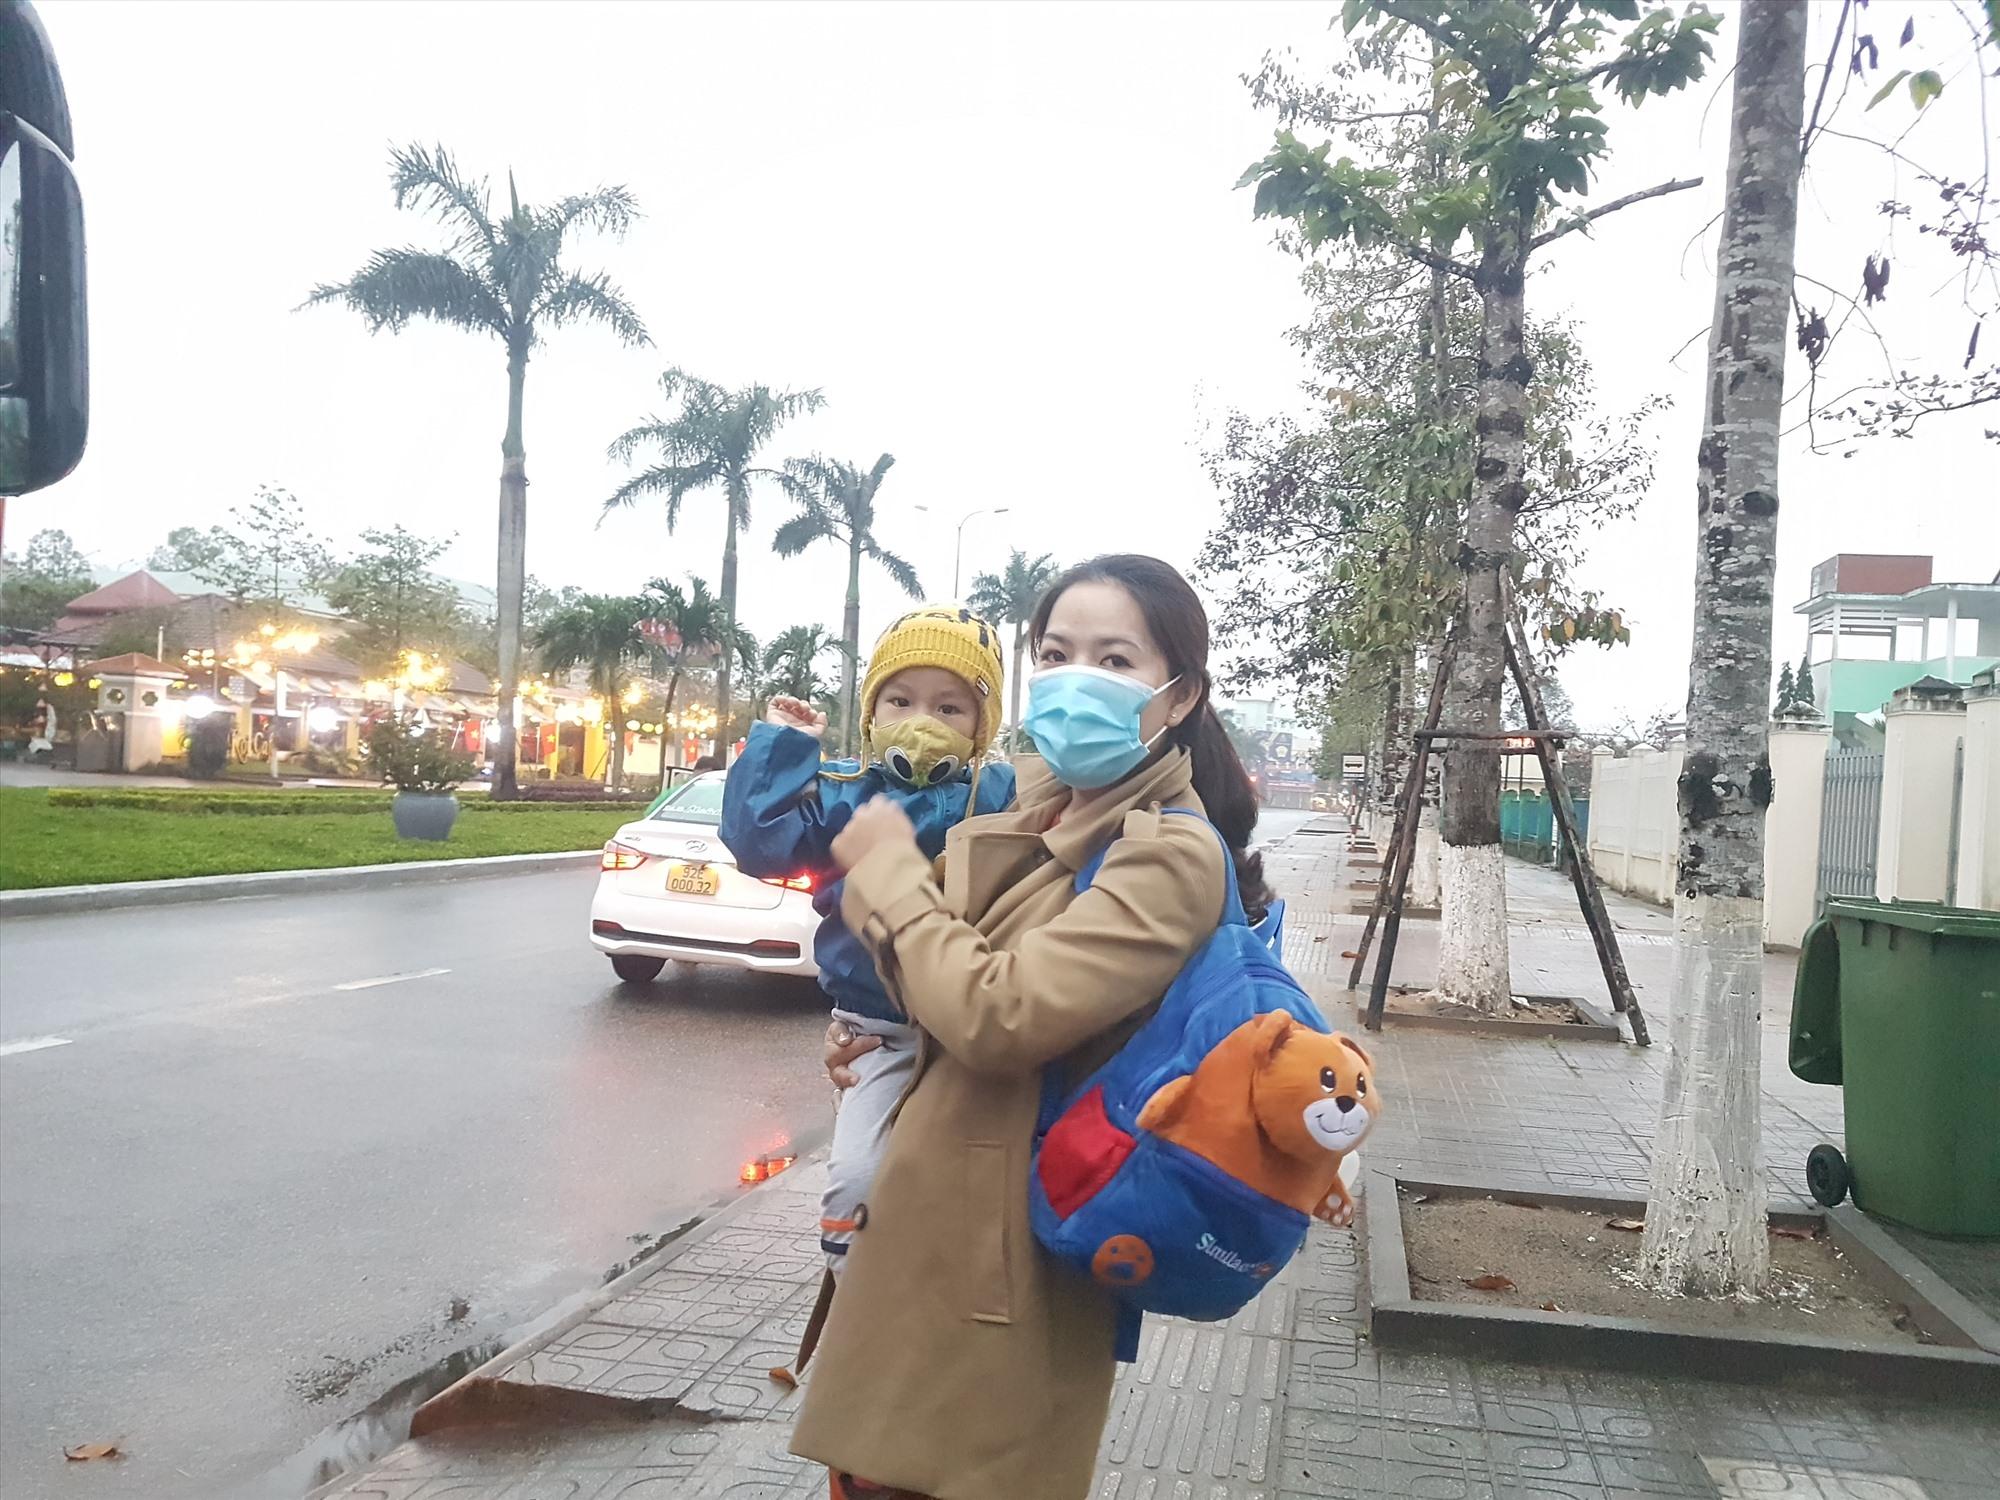 Mẹ con cùng về quê đón Tết với ông bà. Ảnh: D.L